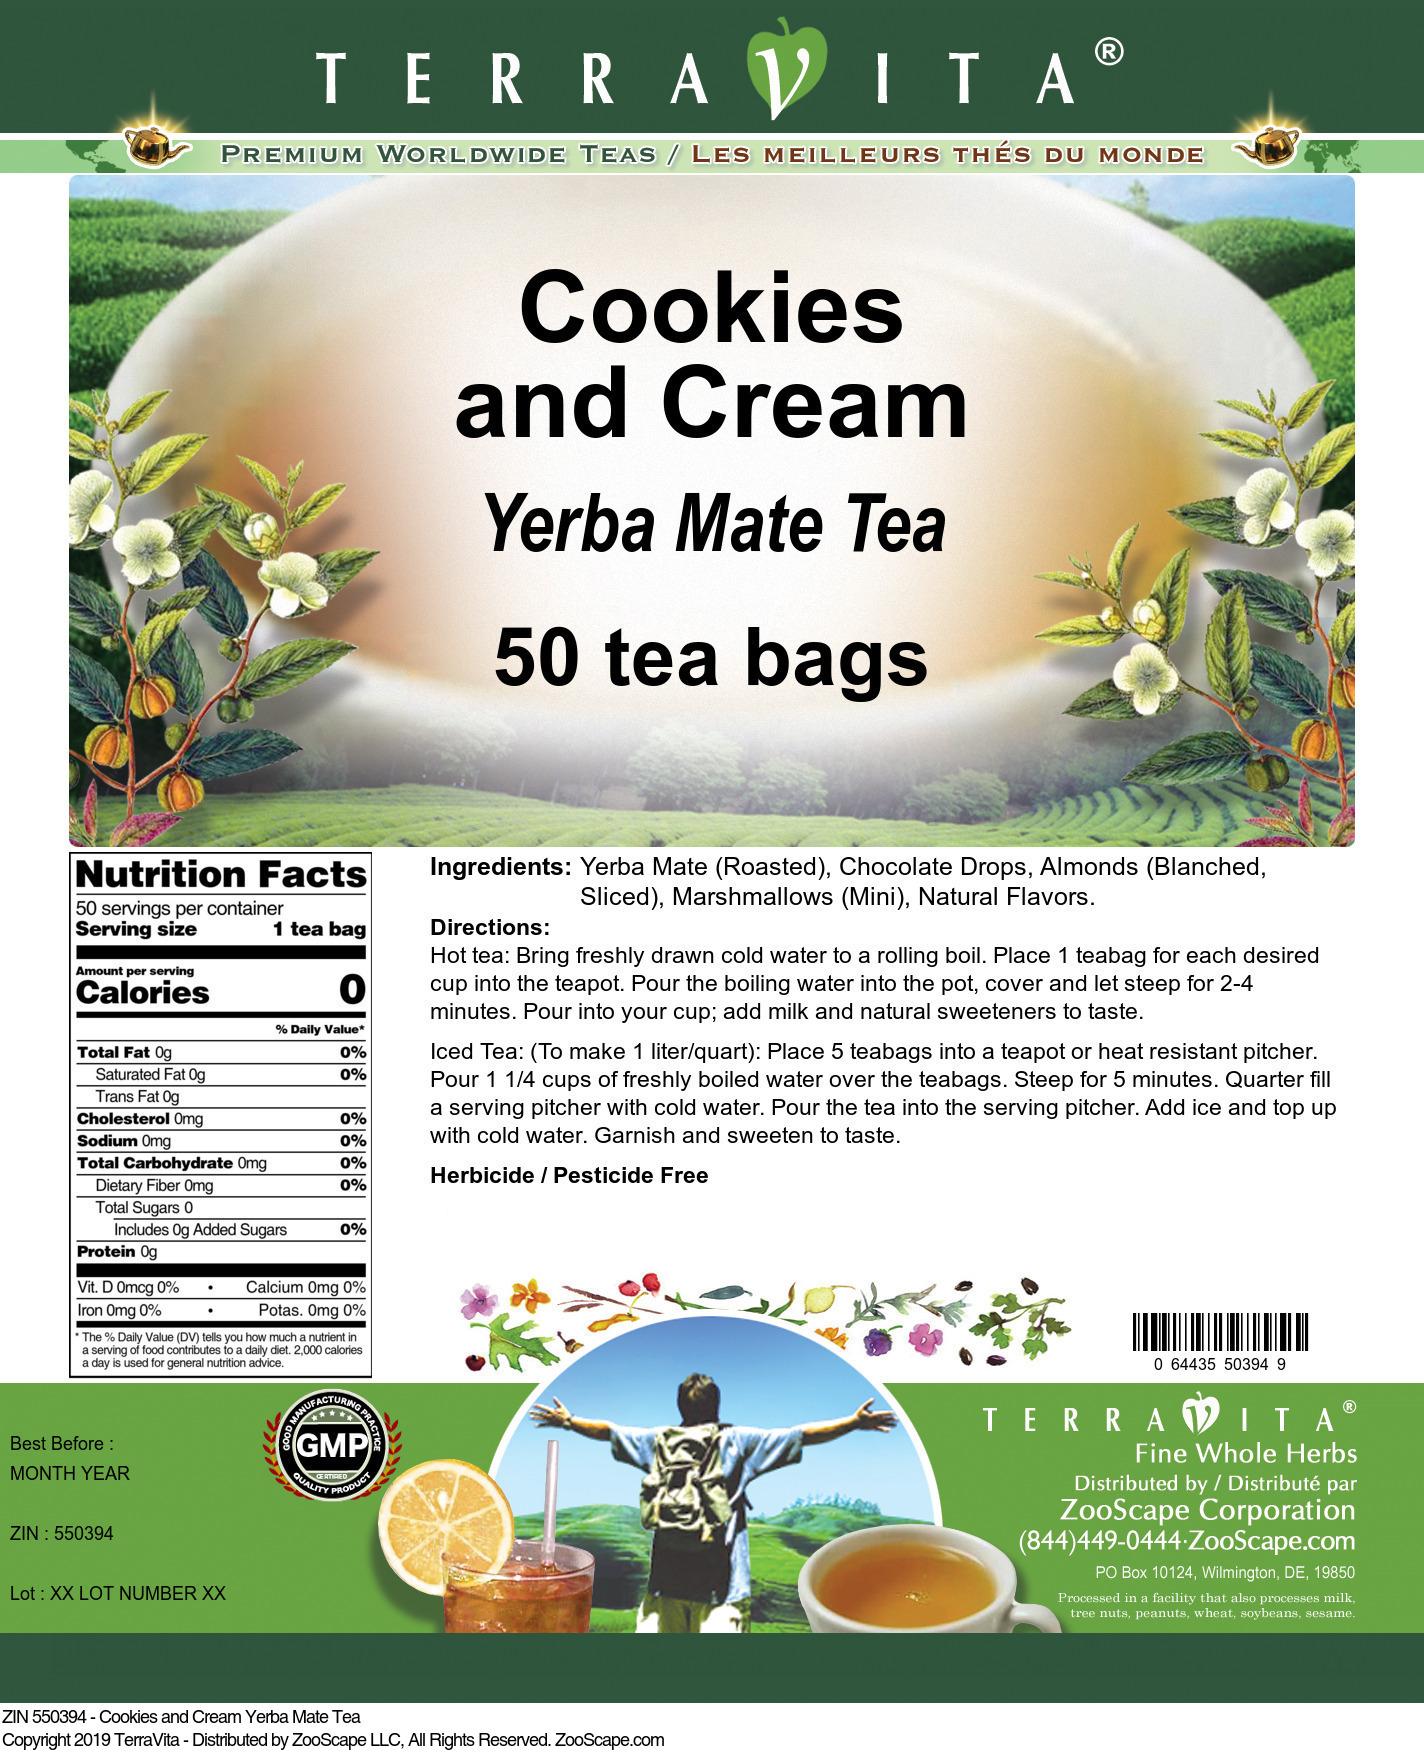 Cookies and Cream Yerba Mate Tea